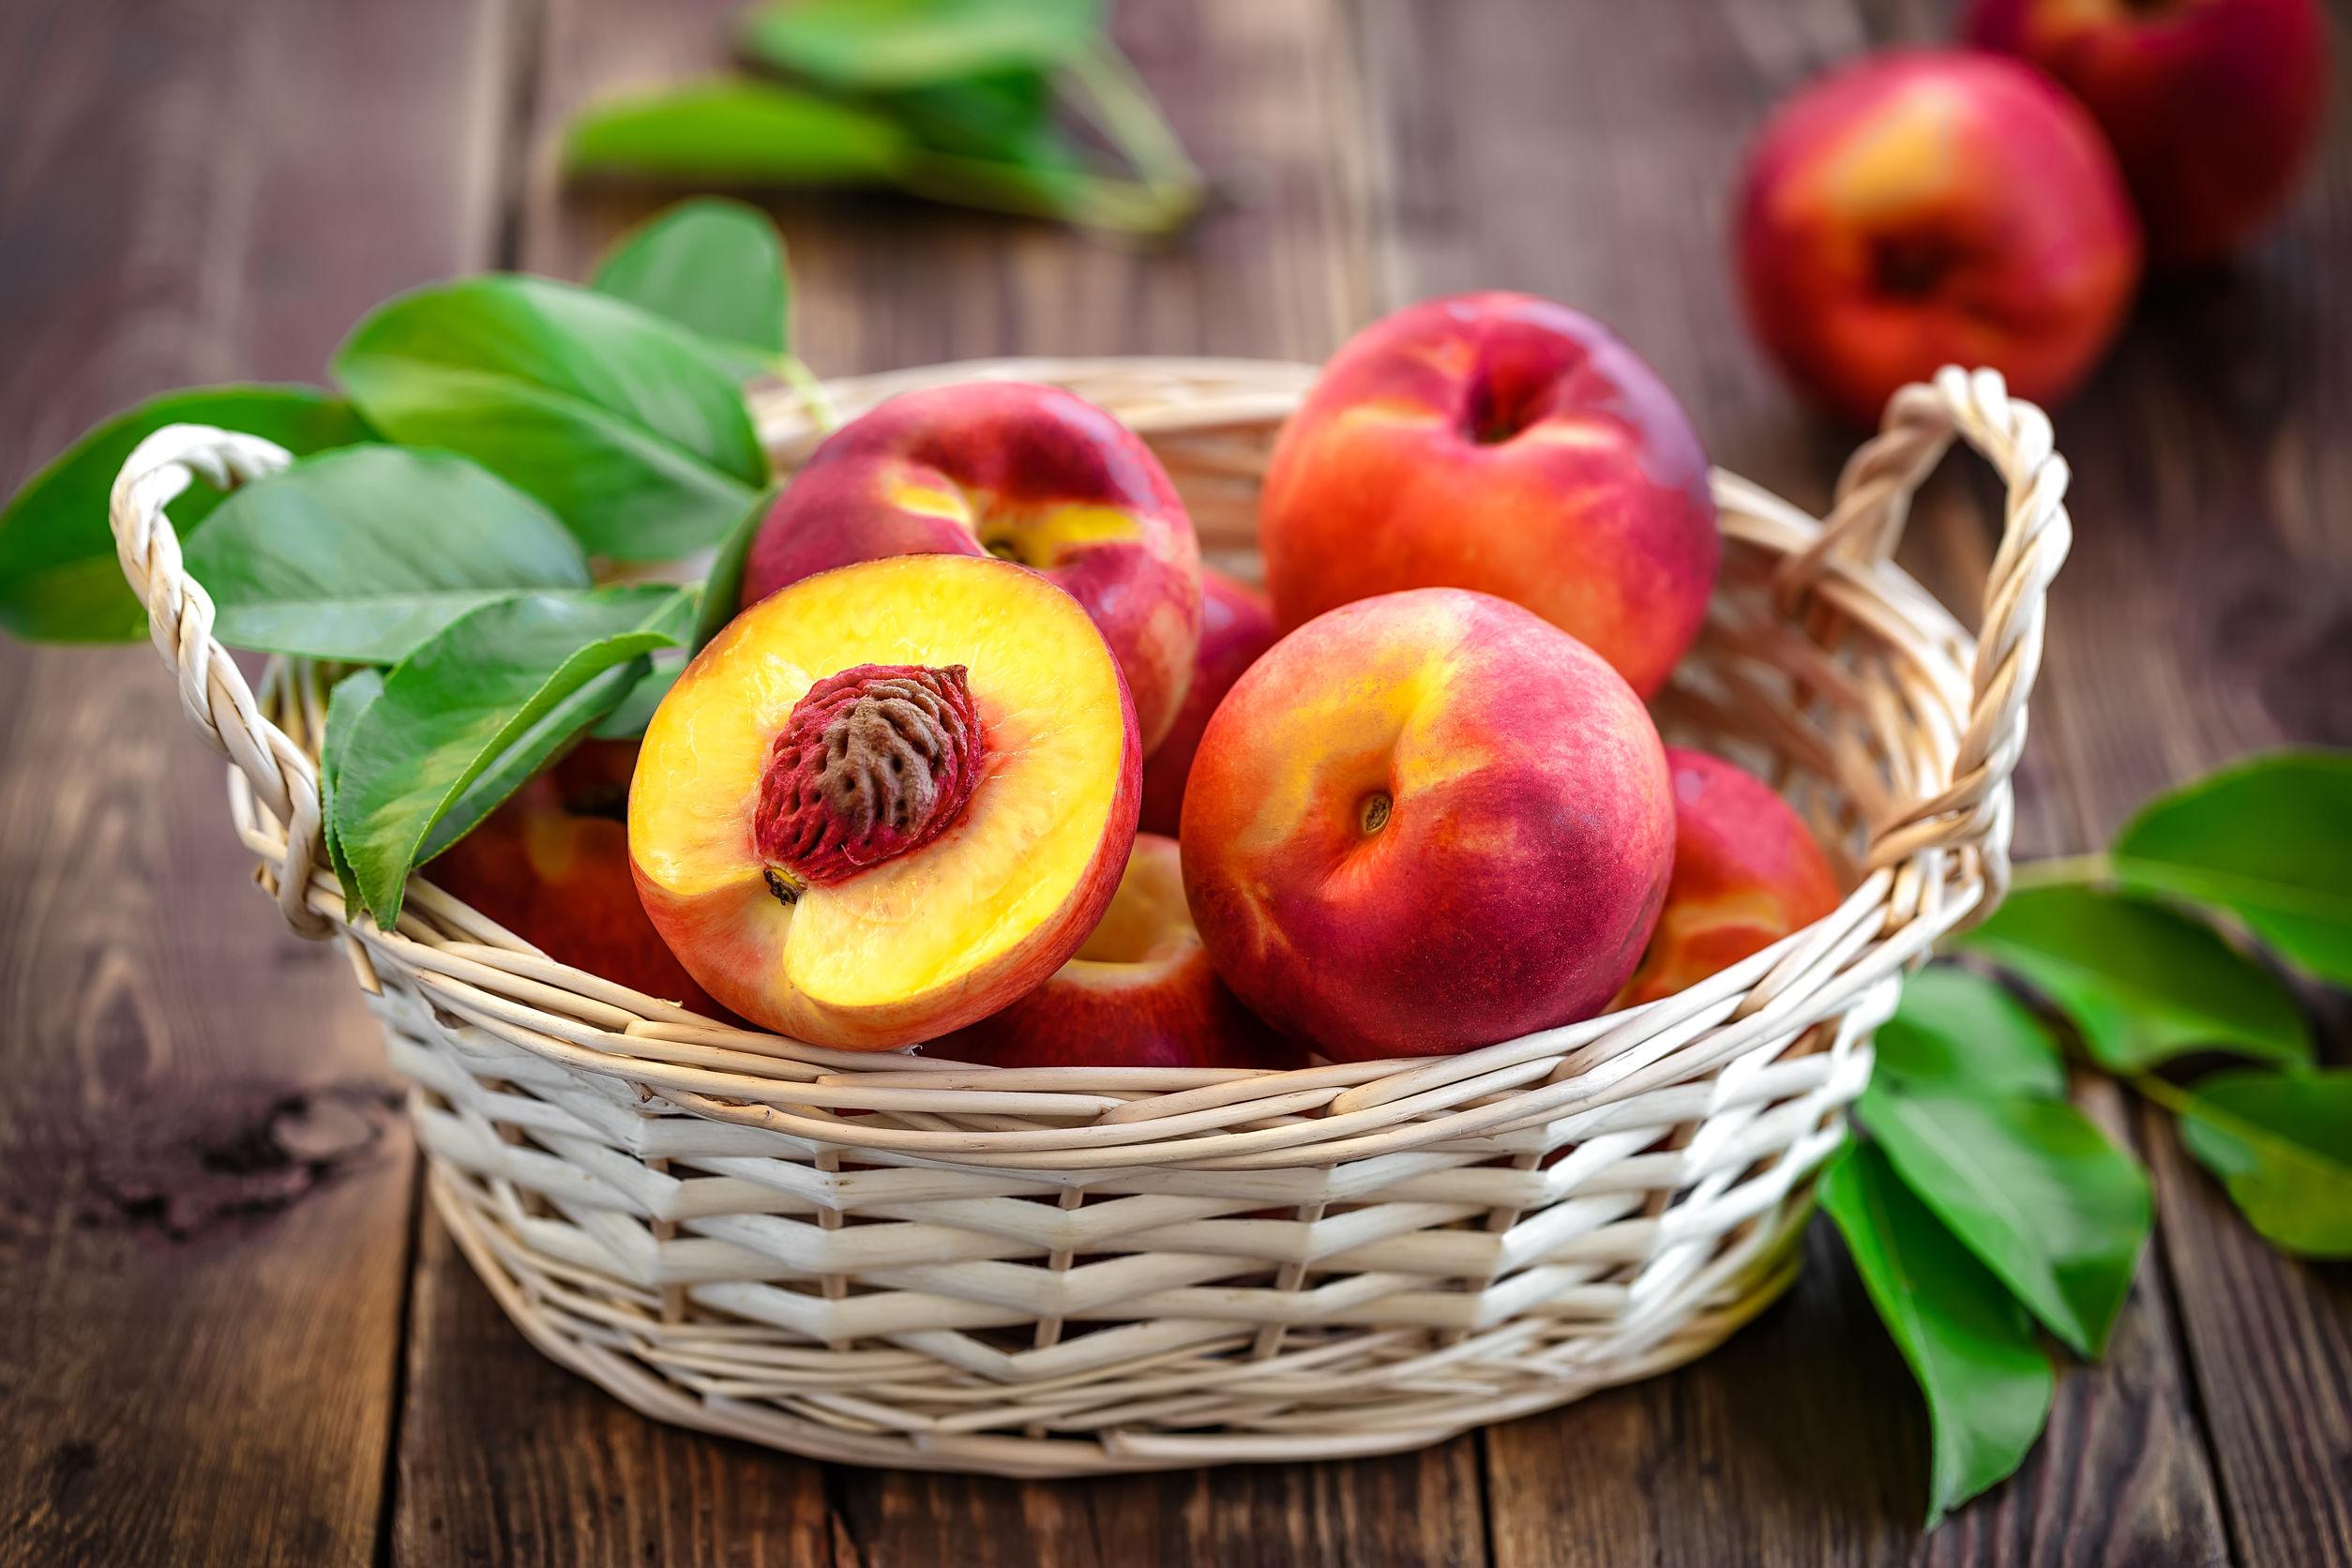 Nectarine - Proprietăți și Beneficii. Fructele Ce întăresc Sistemul  Imunitar | Libertatea